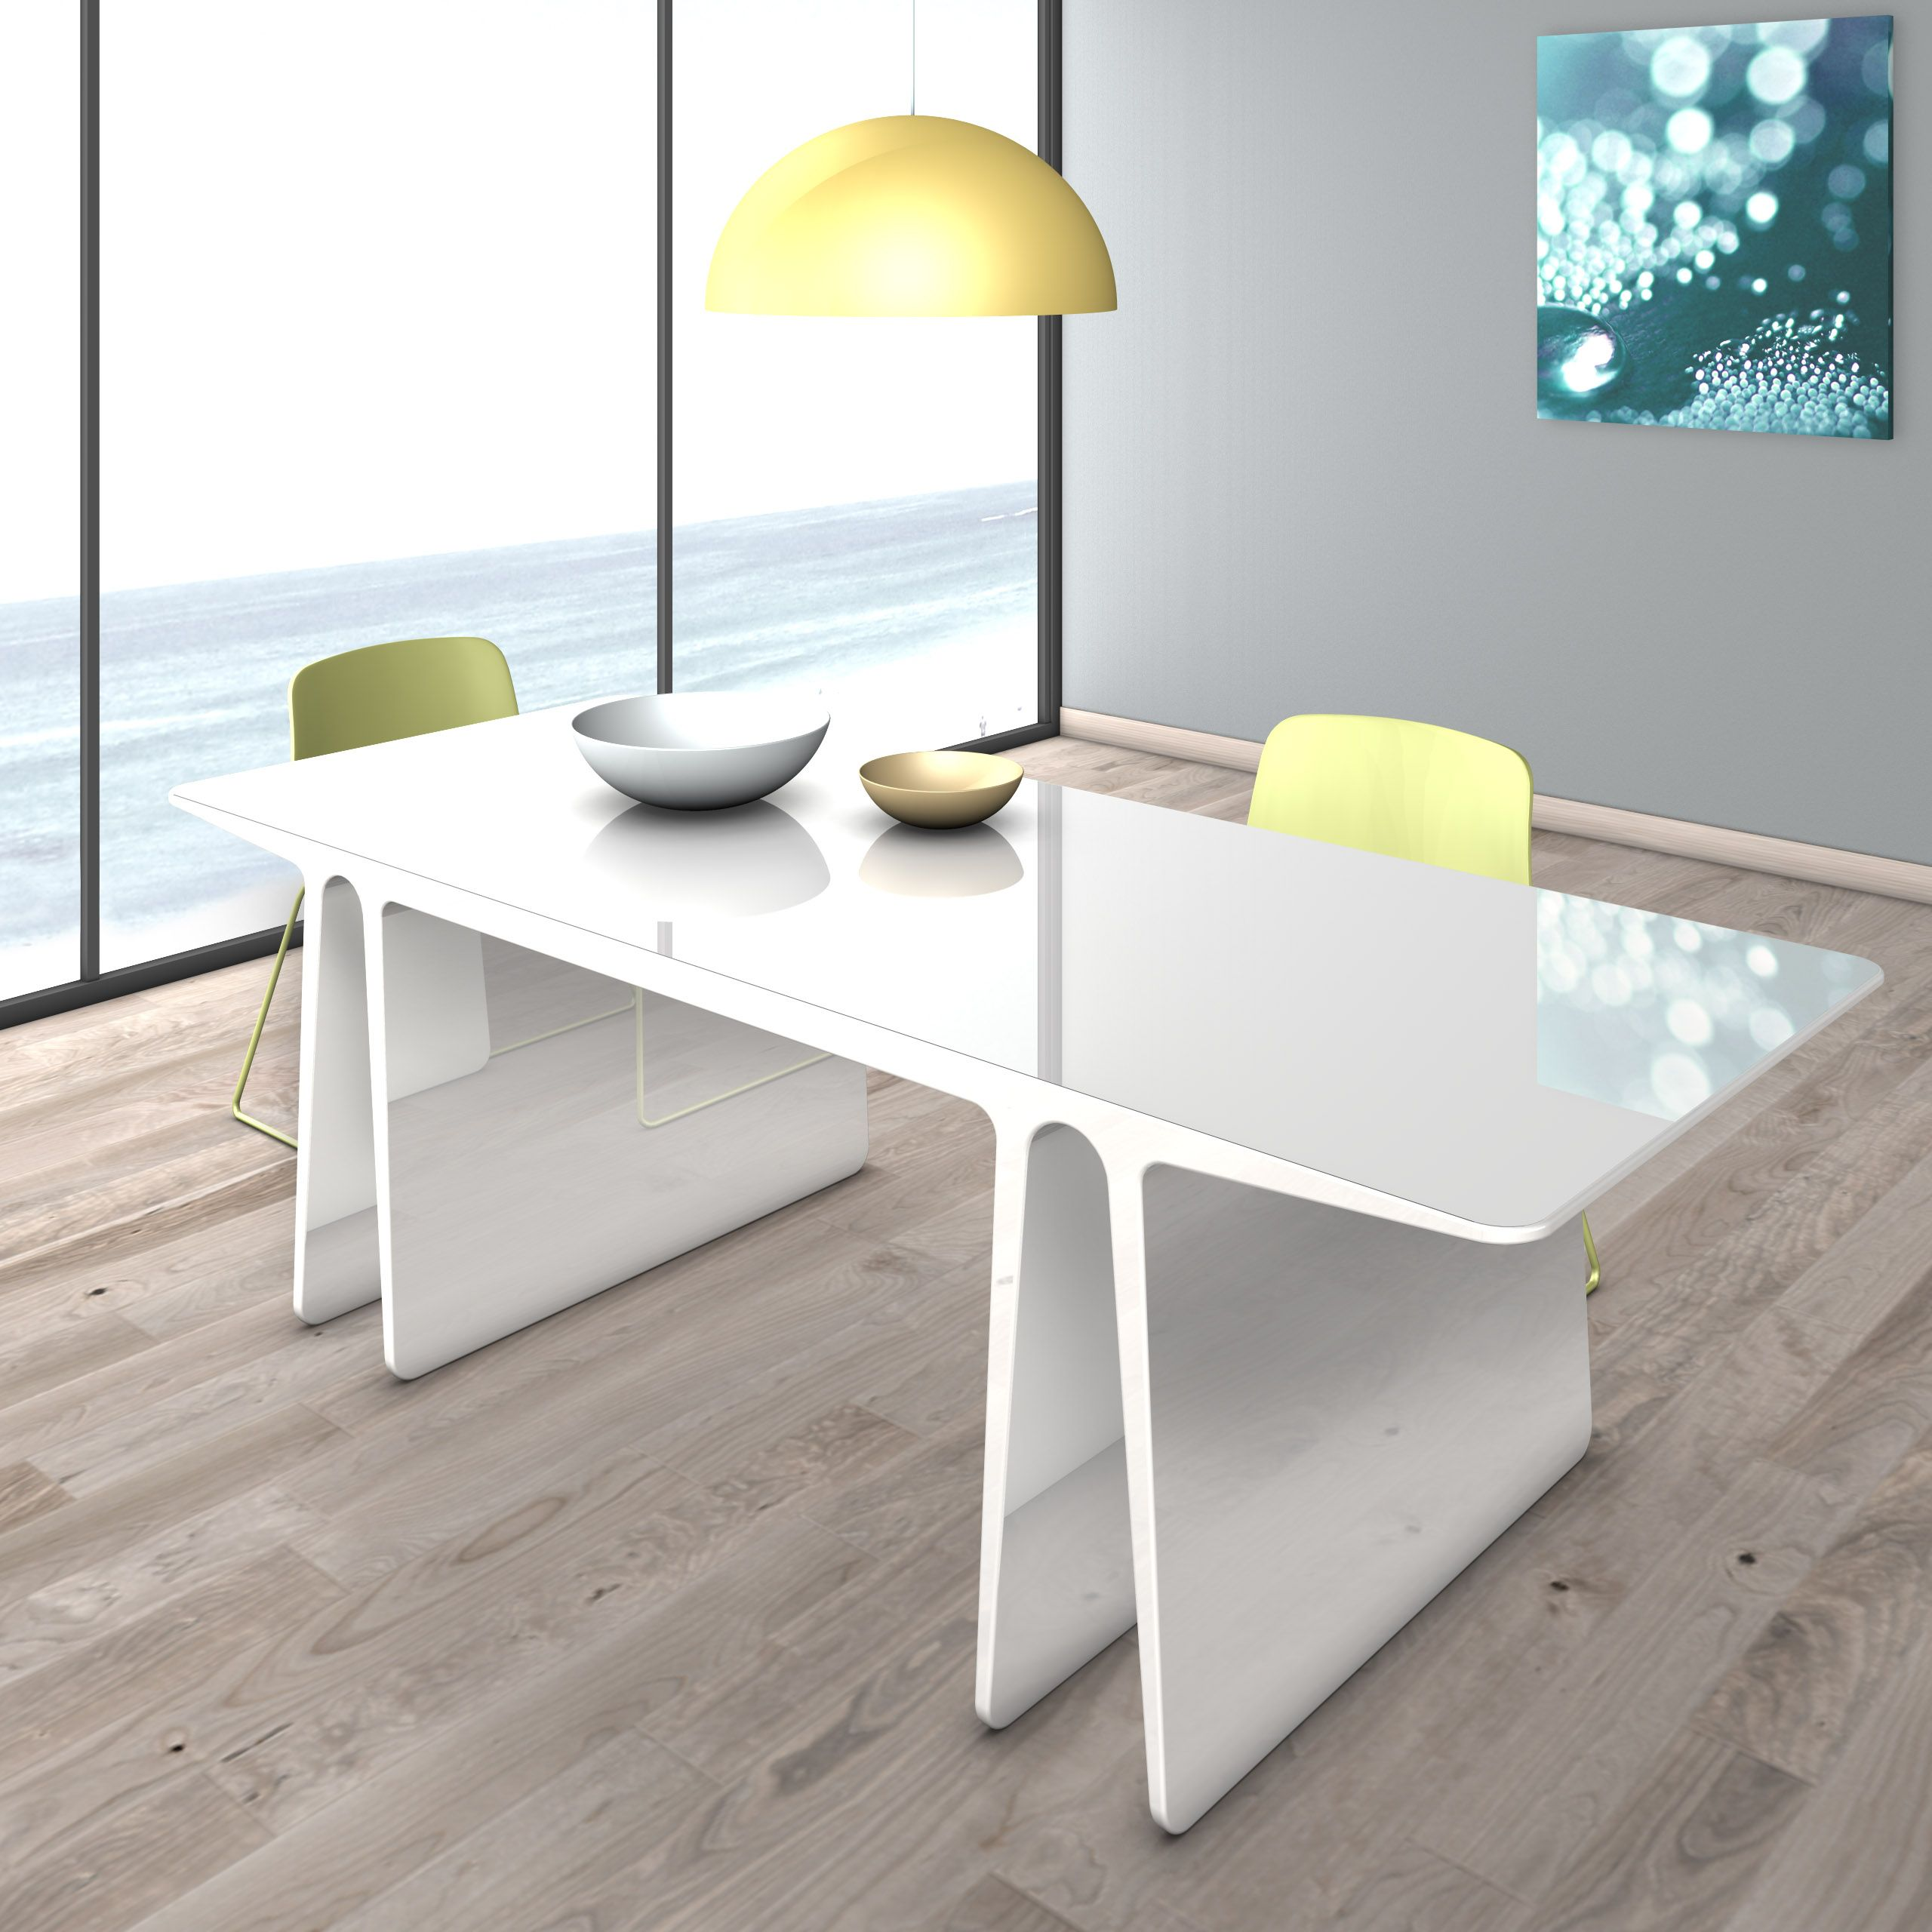 ESSENZA è un tavolo multifunzionale, adatto ad uso living